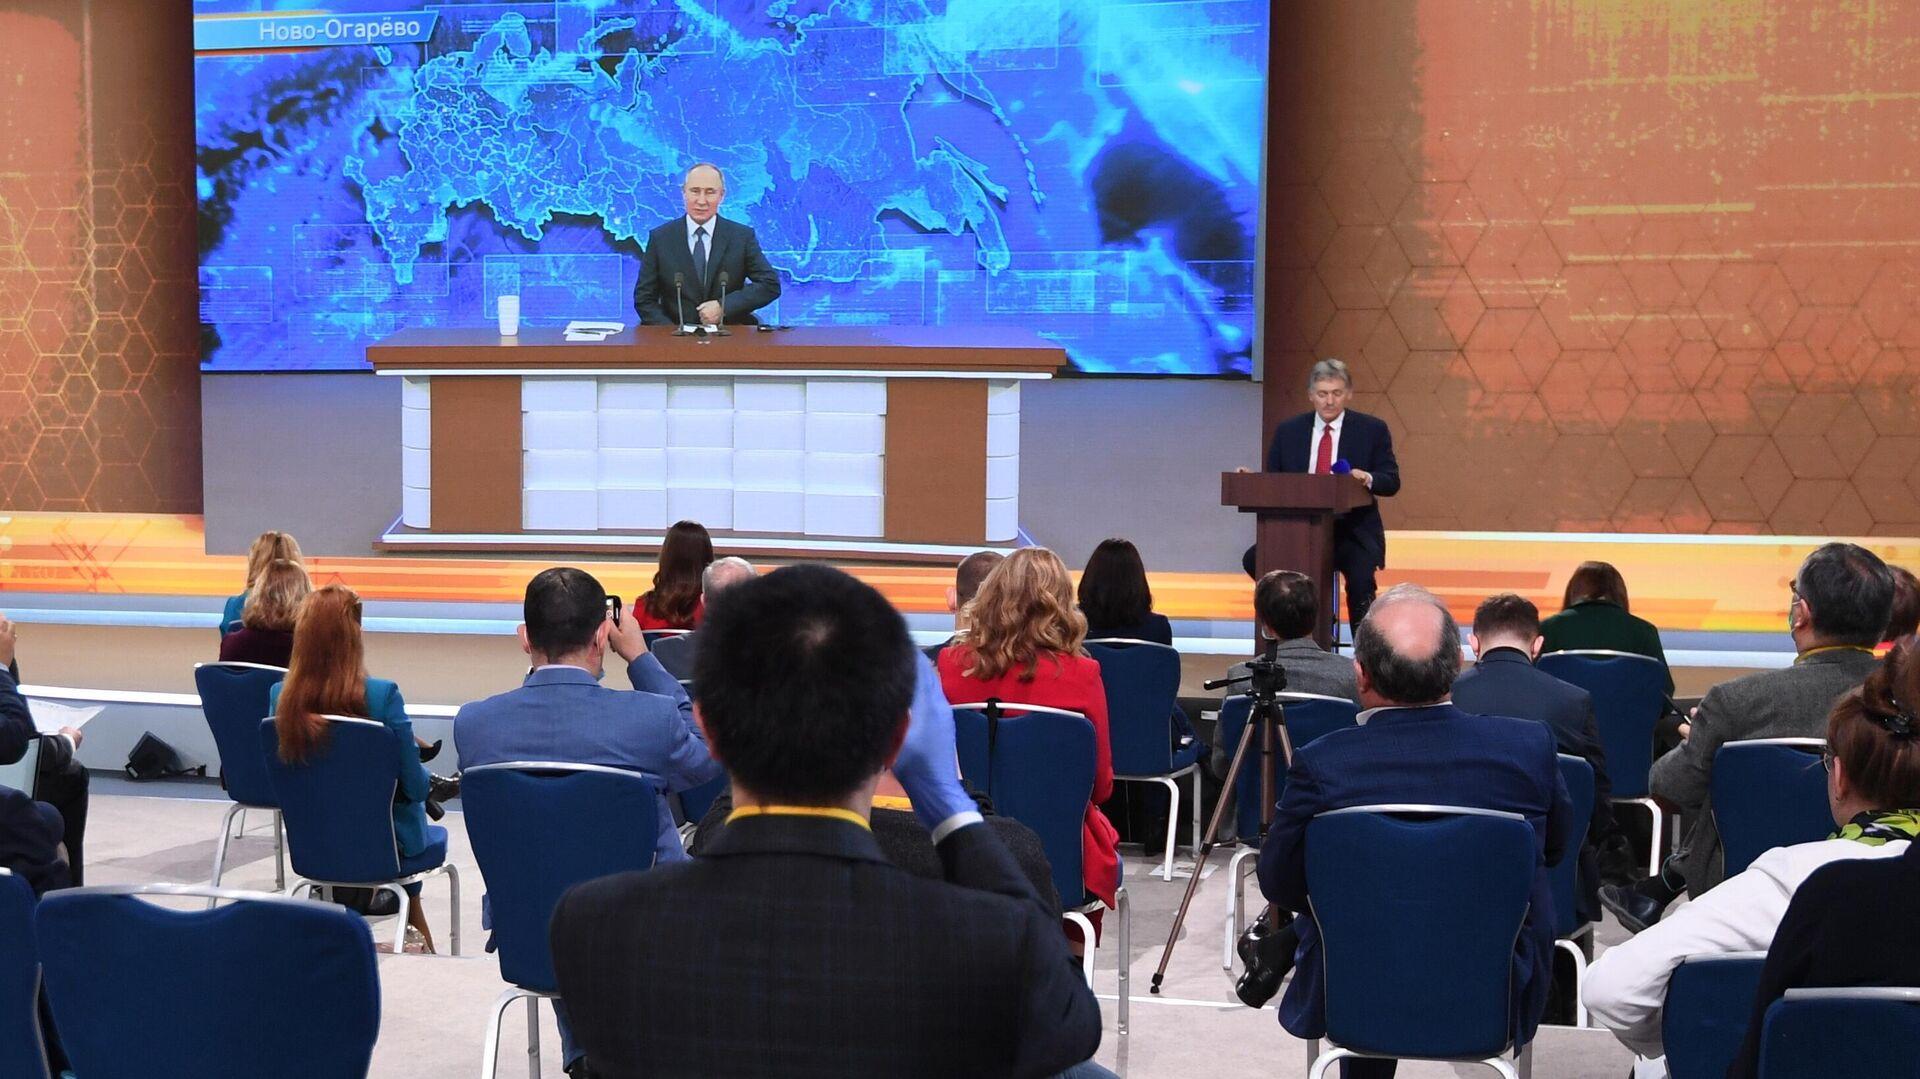 Президент России Владимир Путин в режиме видеоконференции участвует в ежегодной пресс-конференции  - РИА Новости, 1920, 17.12.2020